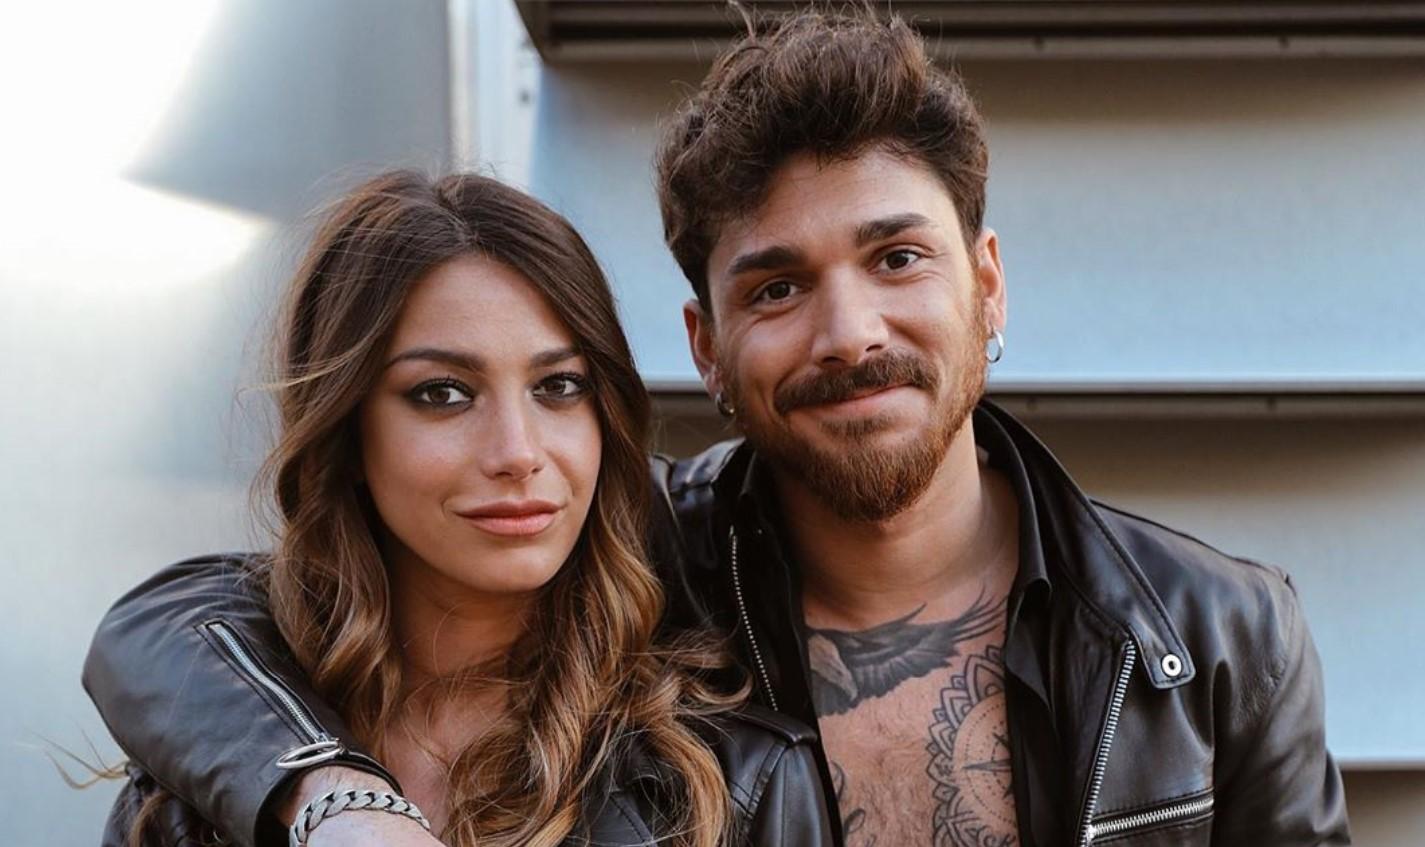 Gossip Uomini e Donne, Andrea Cerioli e Arianna Cirrincione sono in crisi? Lui è amareggiato